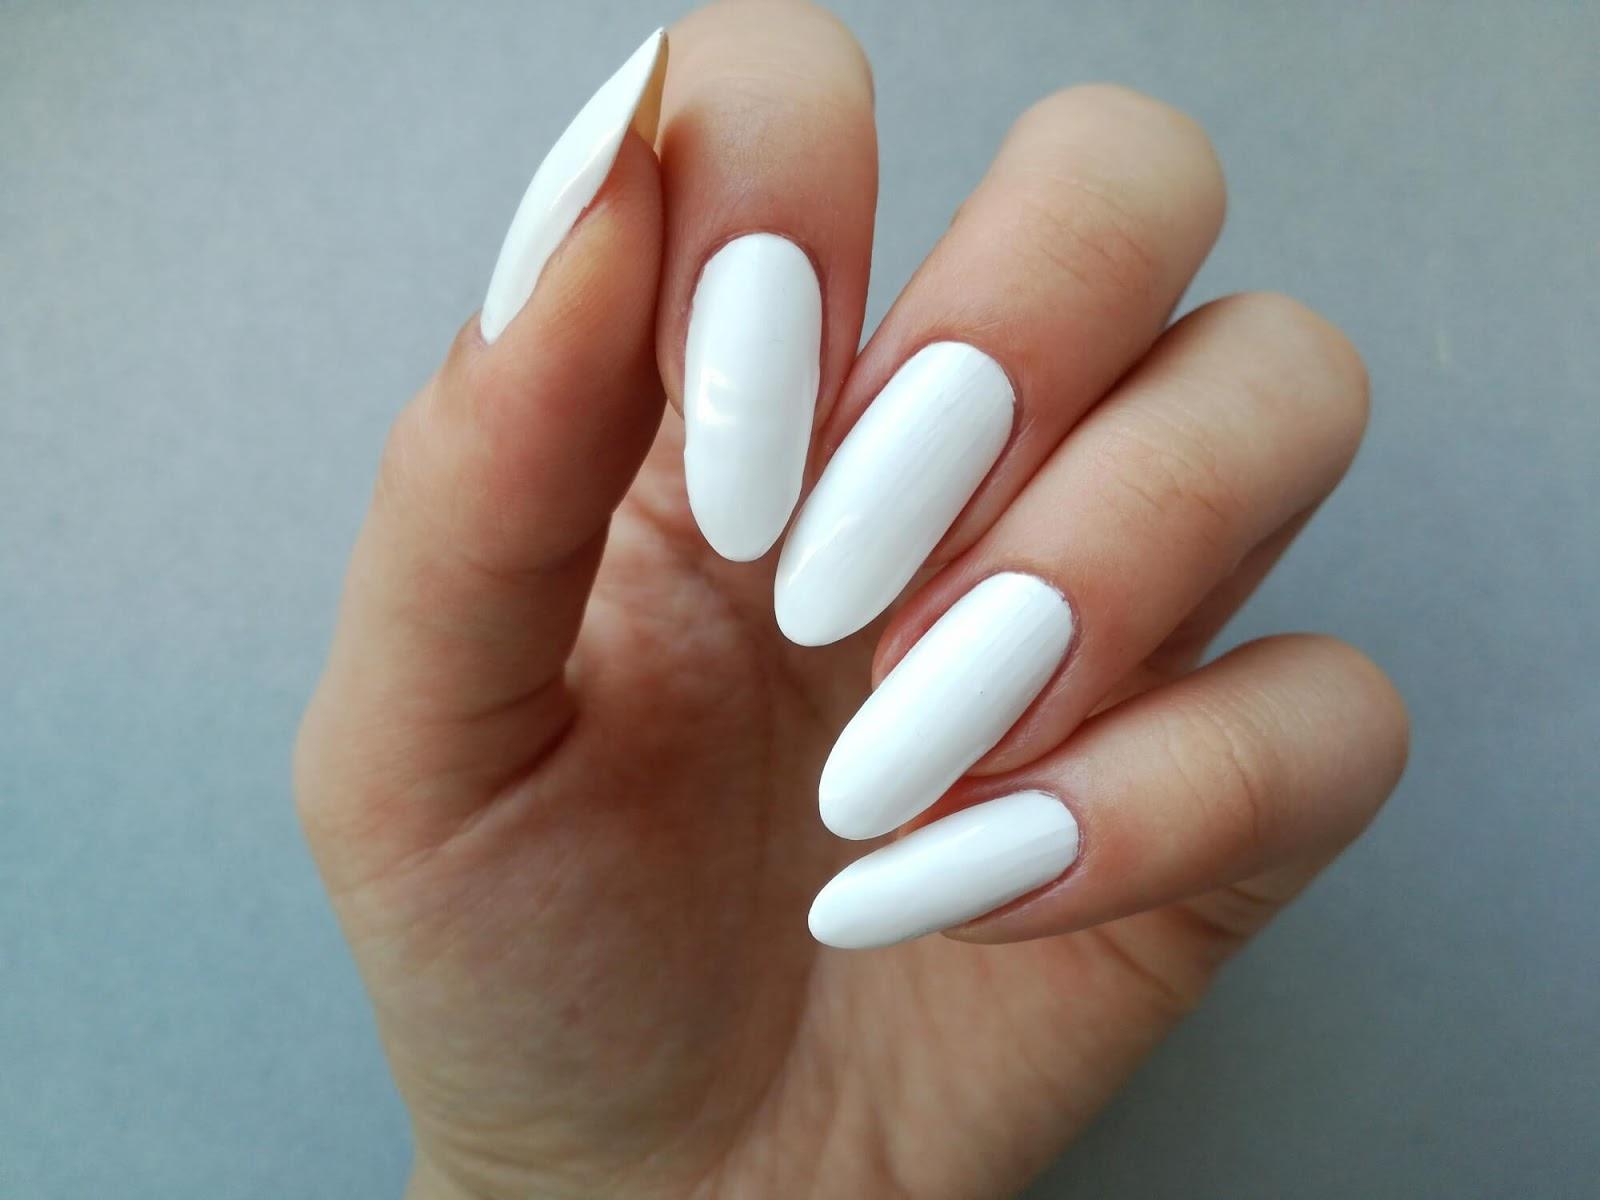 biała baza pod zdobienie paznokci